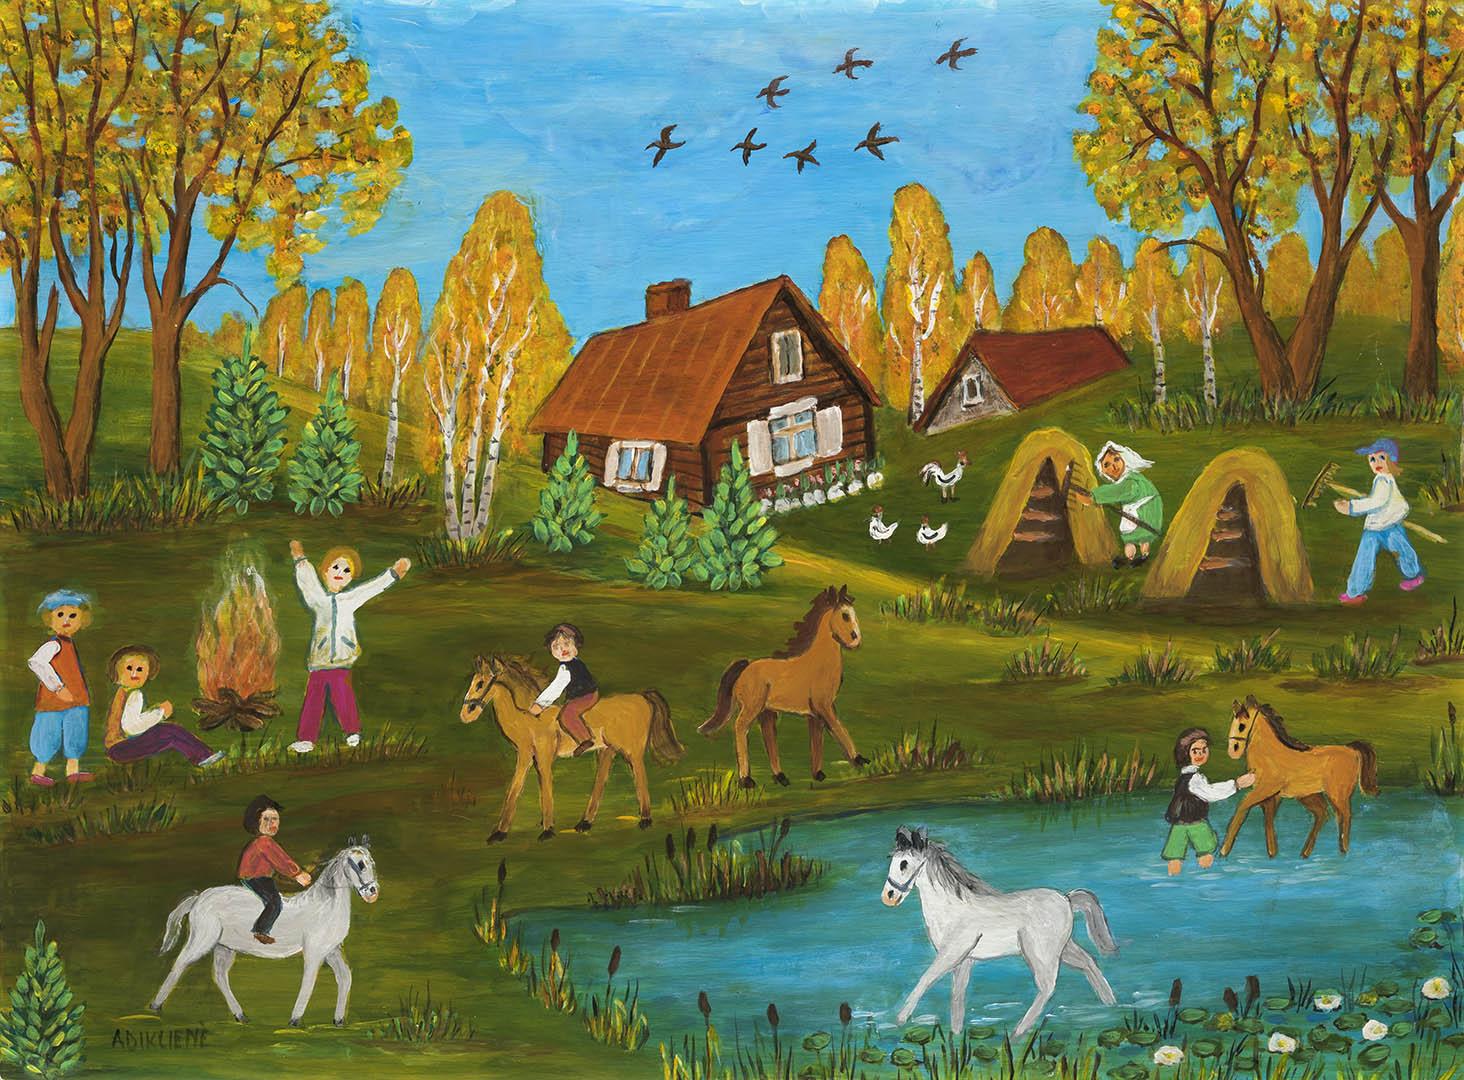 """Genovaitė Adiklienė. """"Ruduo kaime"""", 2020 m. Kartonas, aliejus; 60 x 80 cm"""